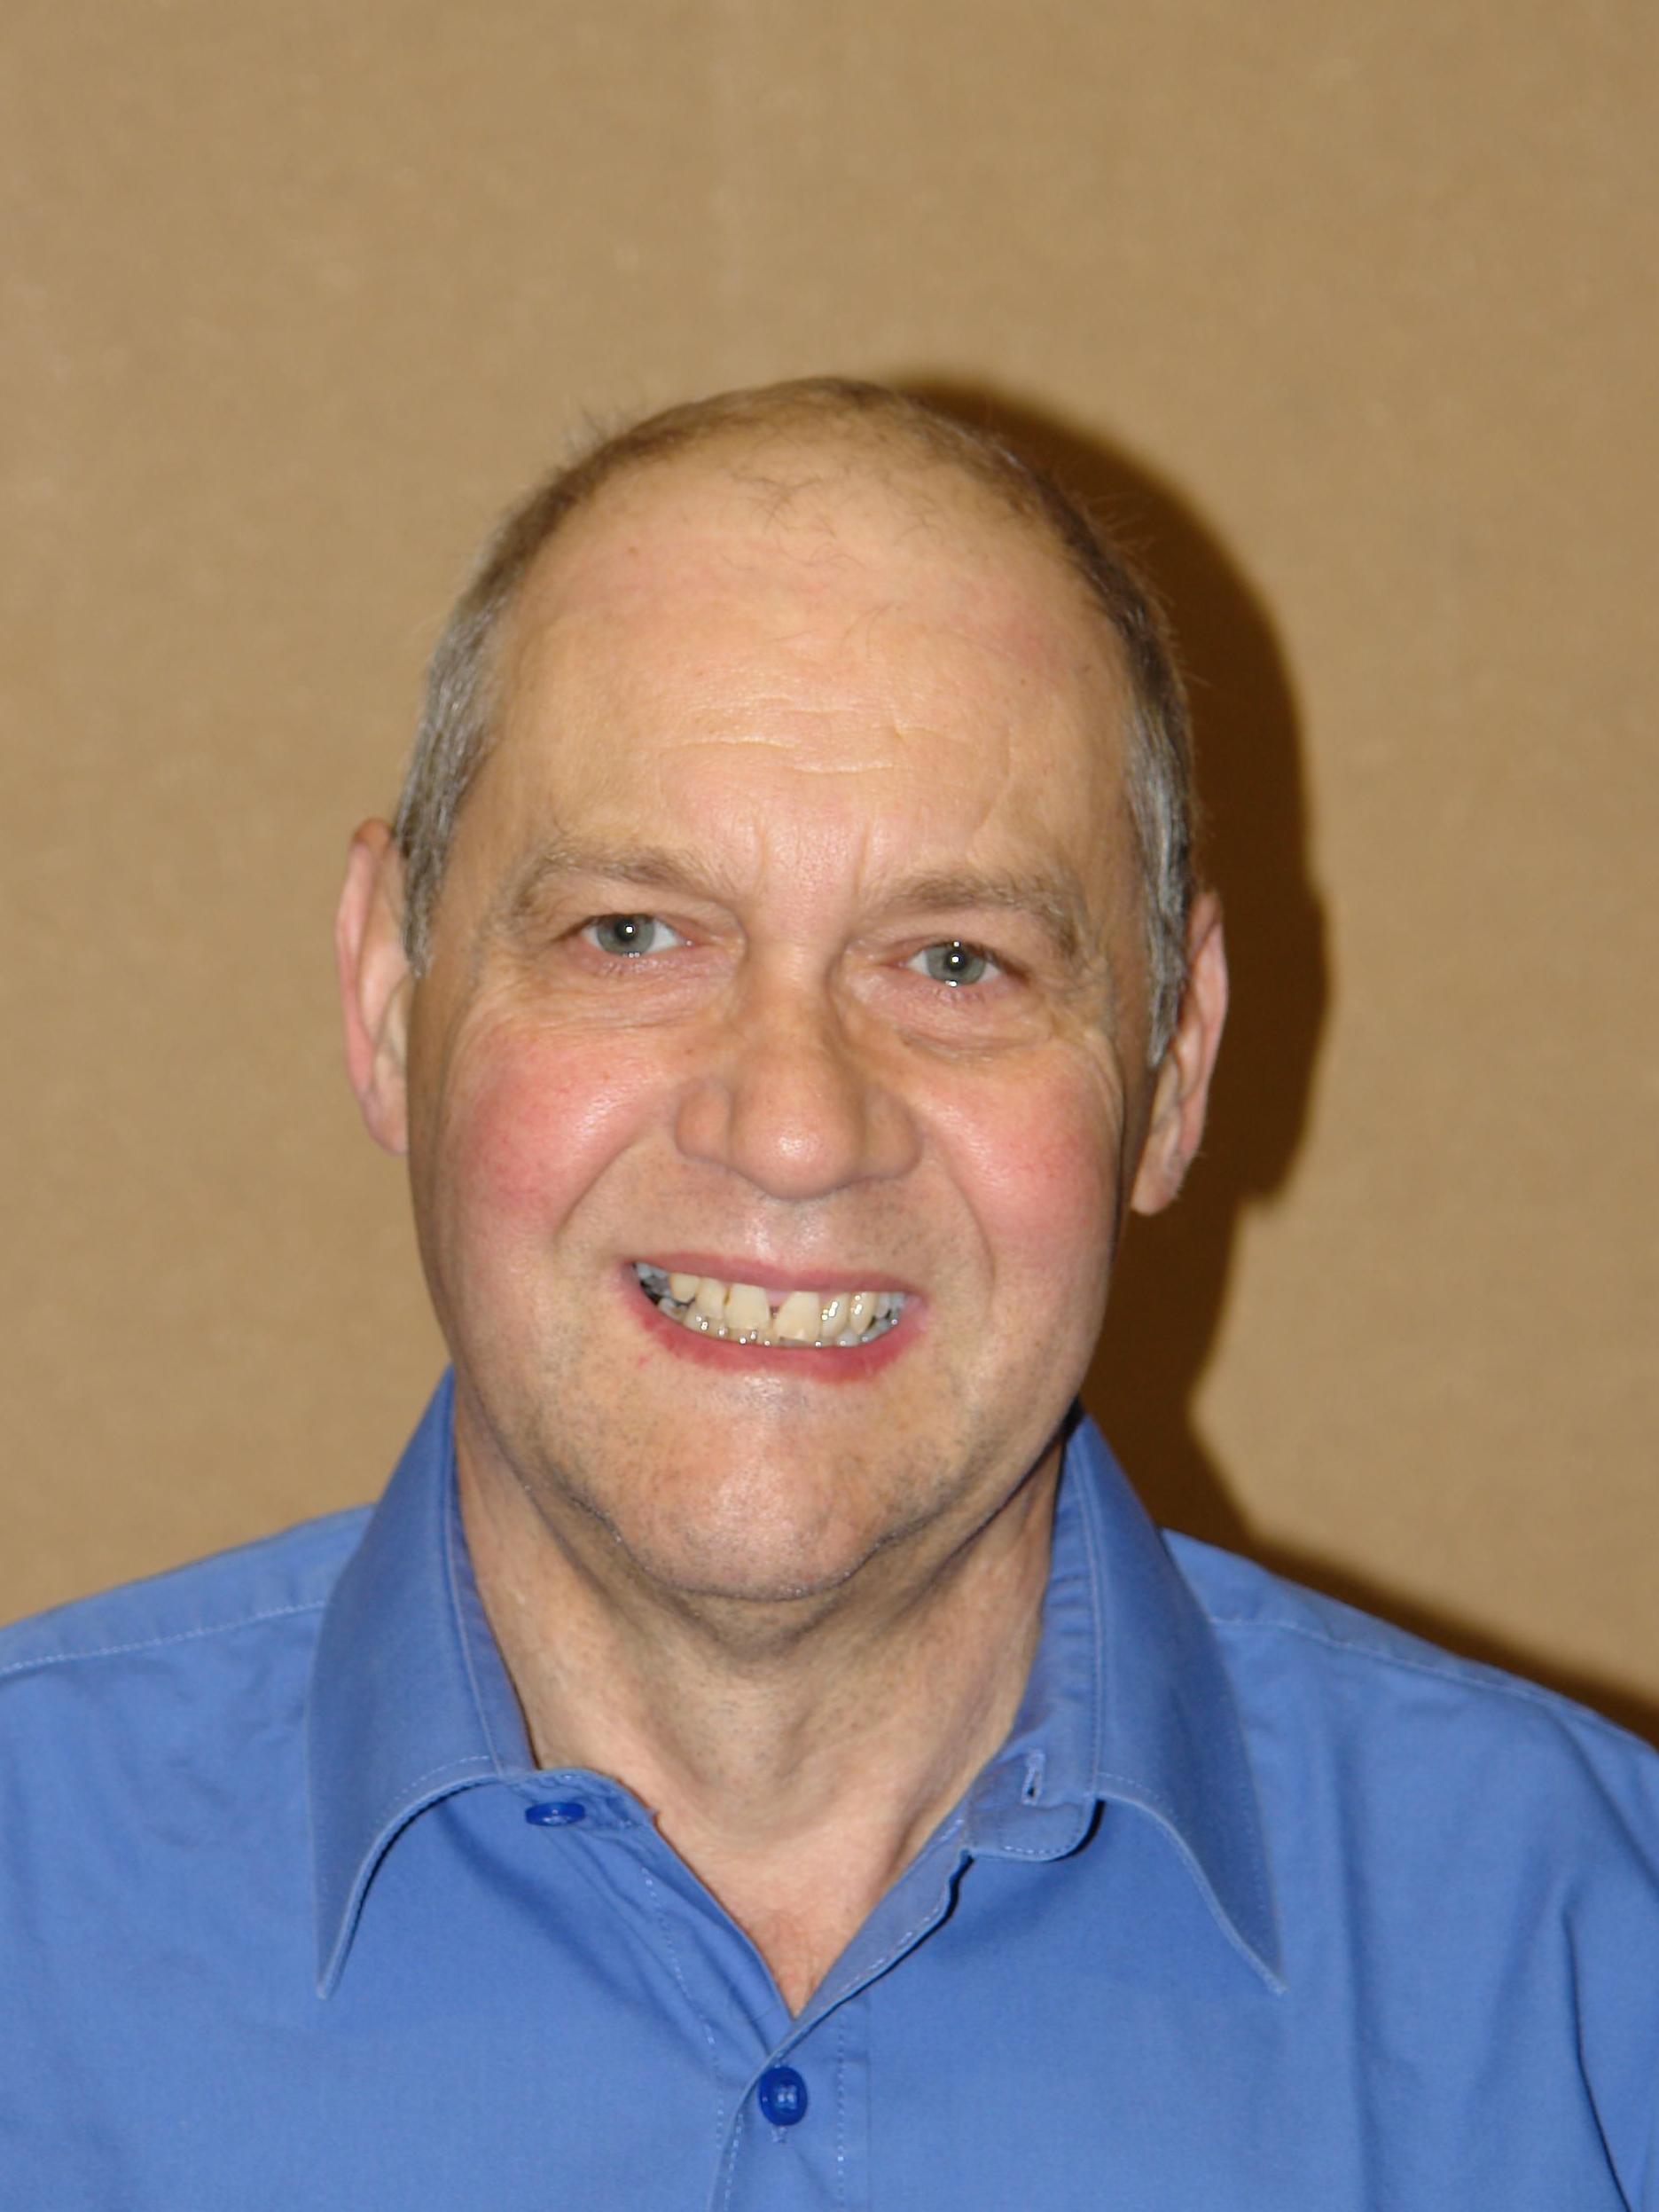 Jürg Schneider